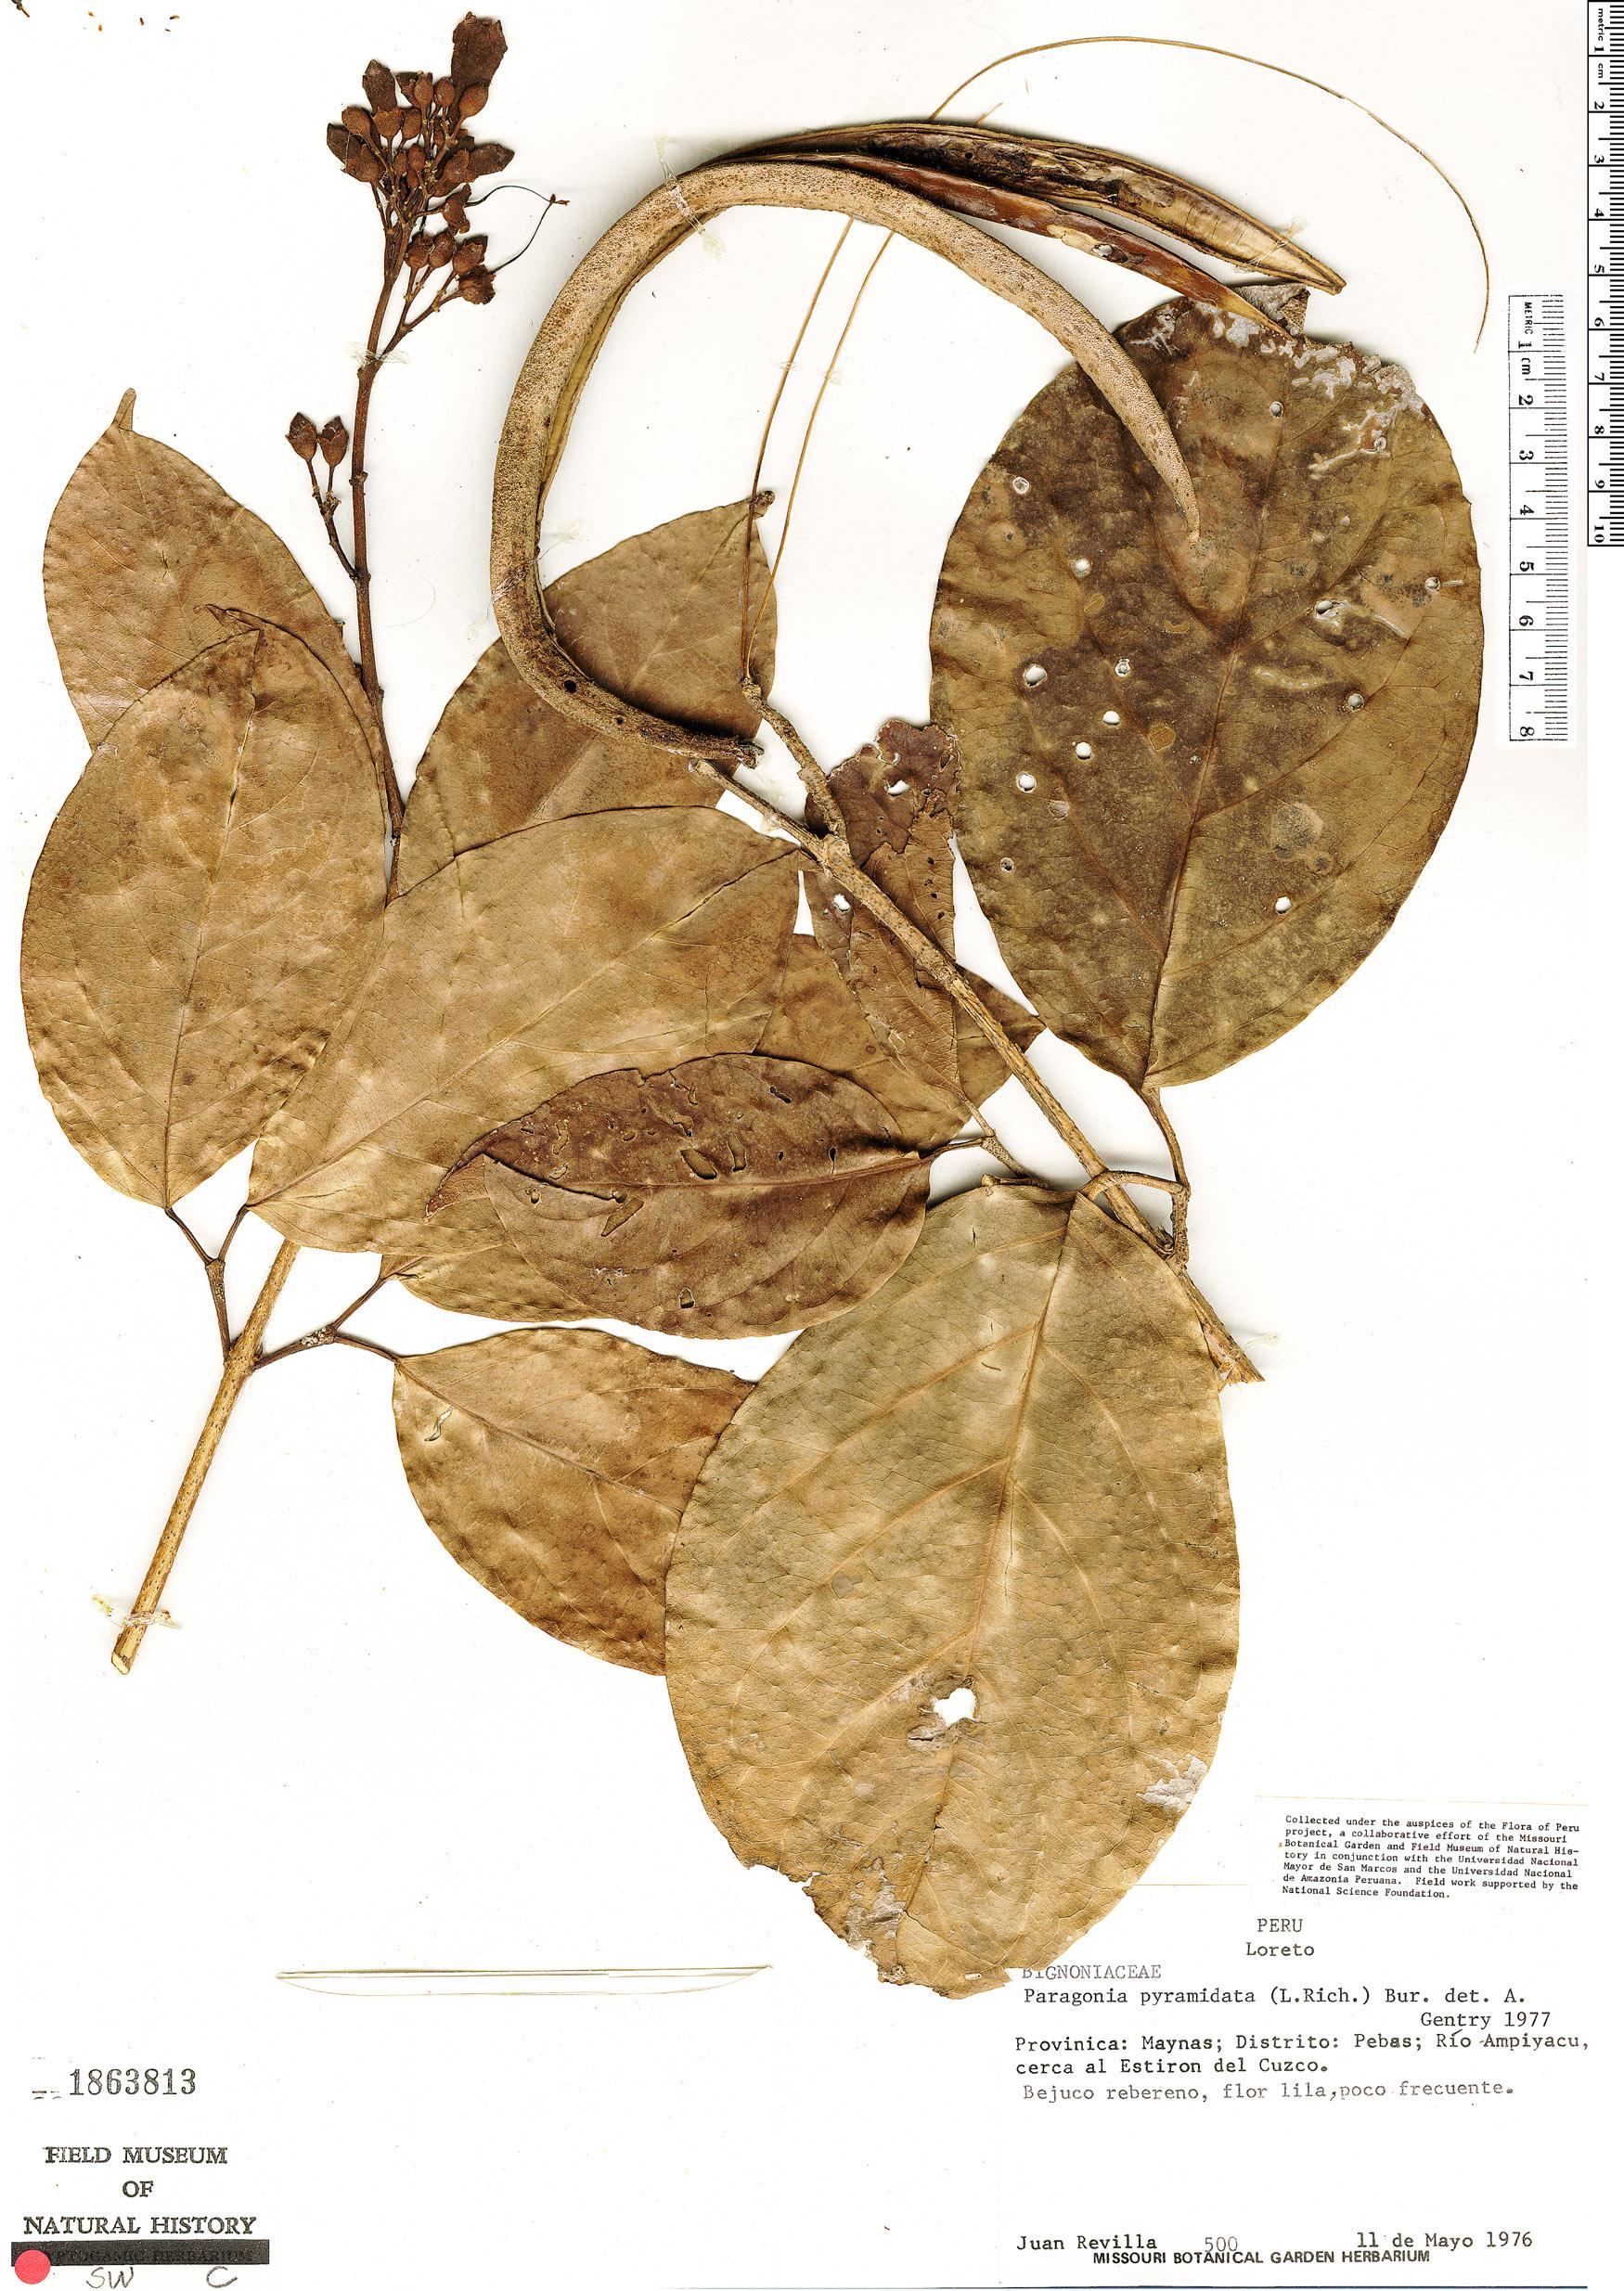 Specimen: Tanaecium pyramidatum